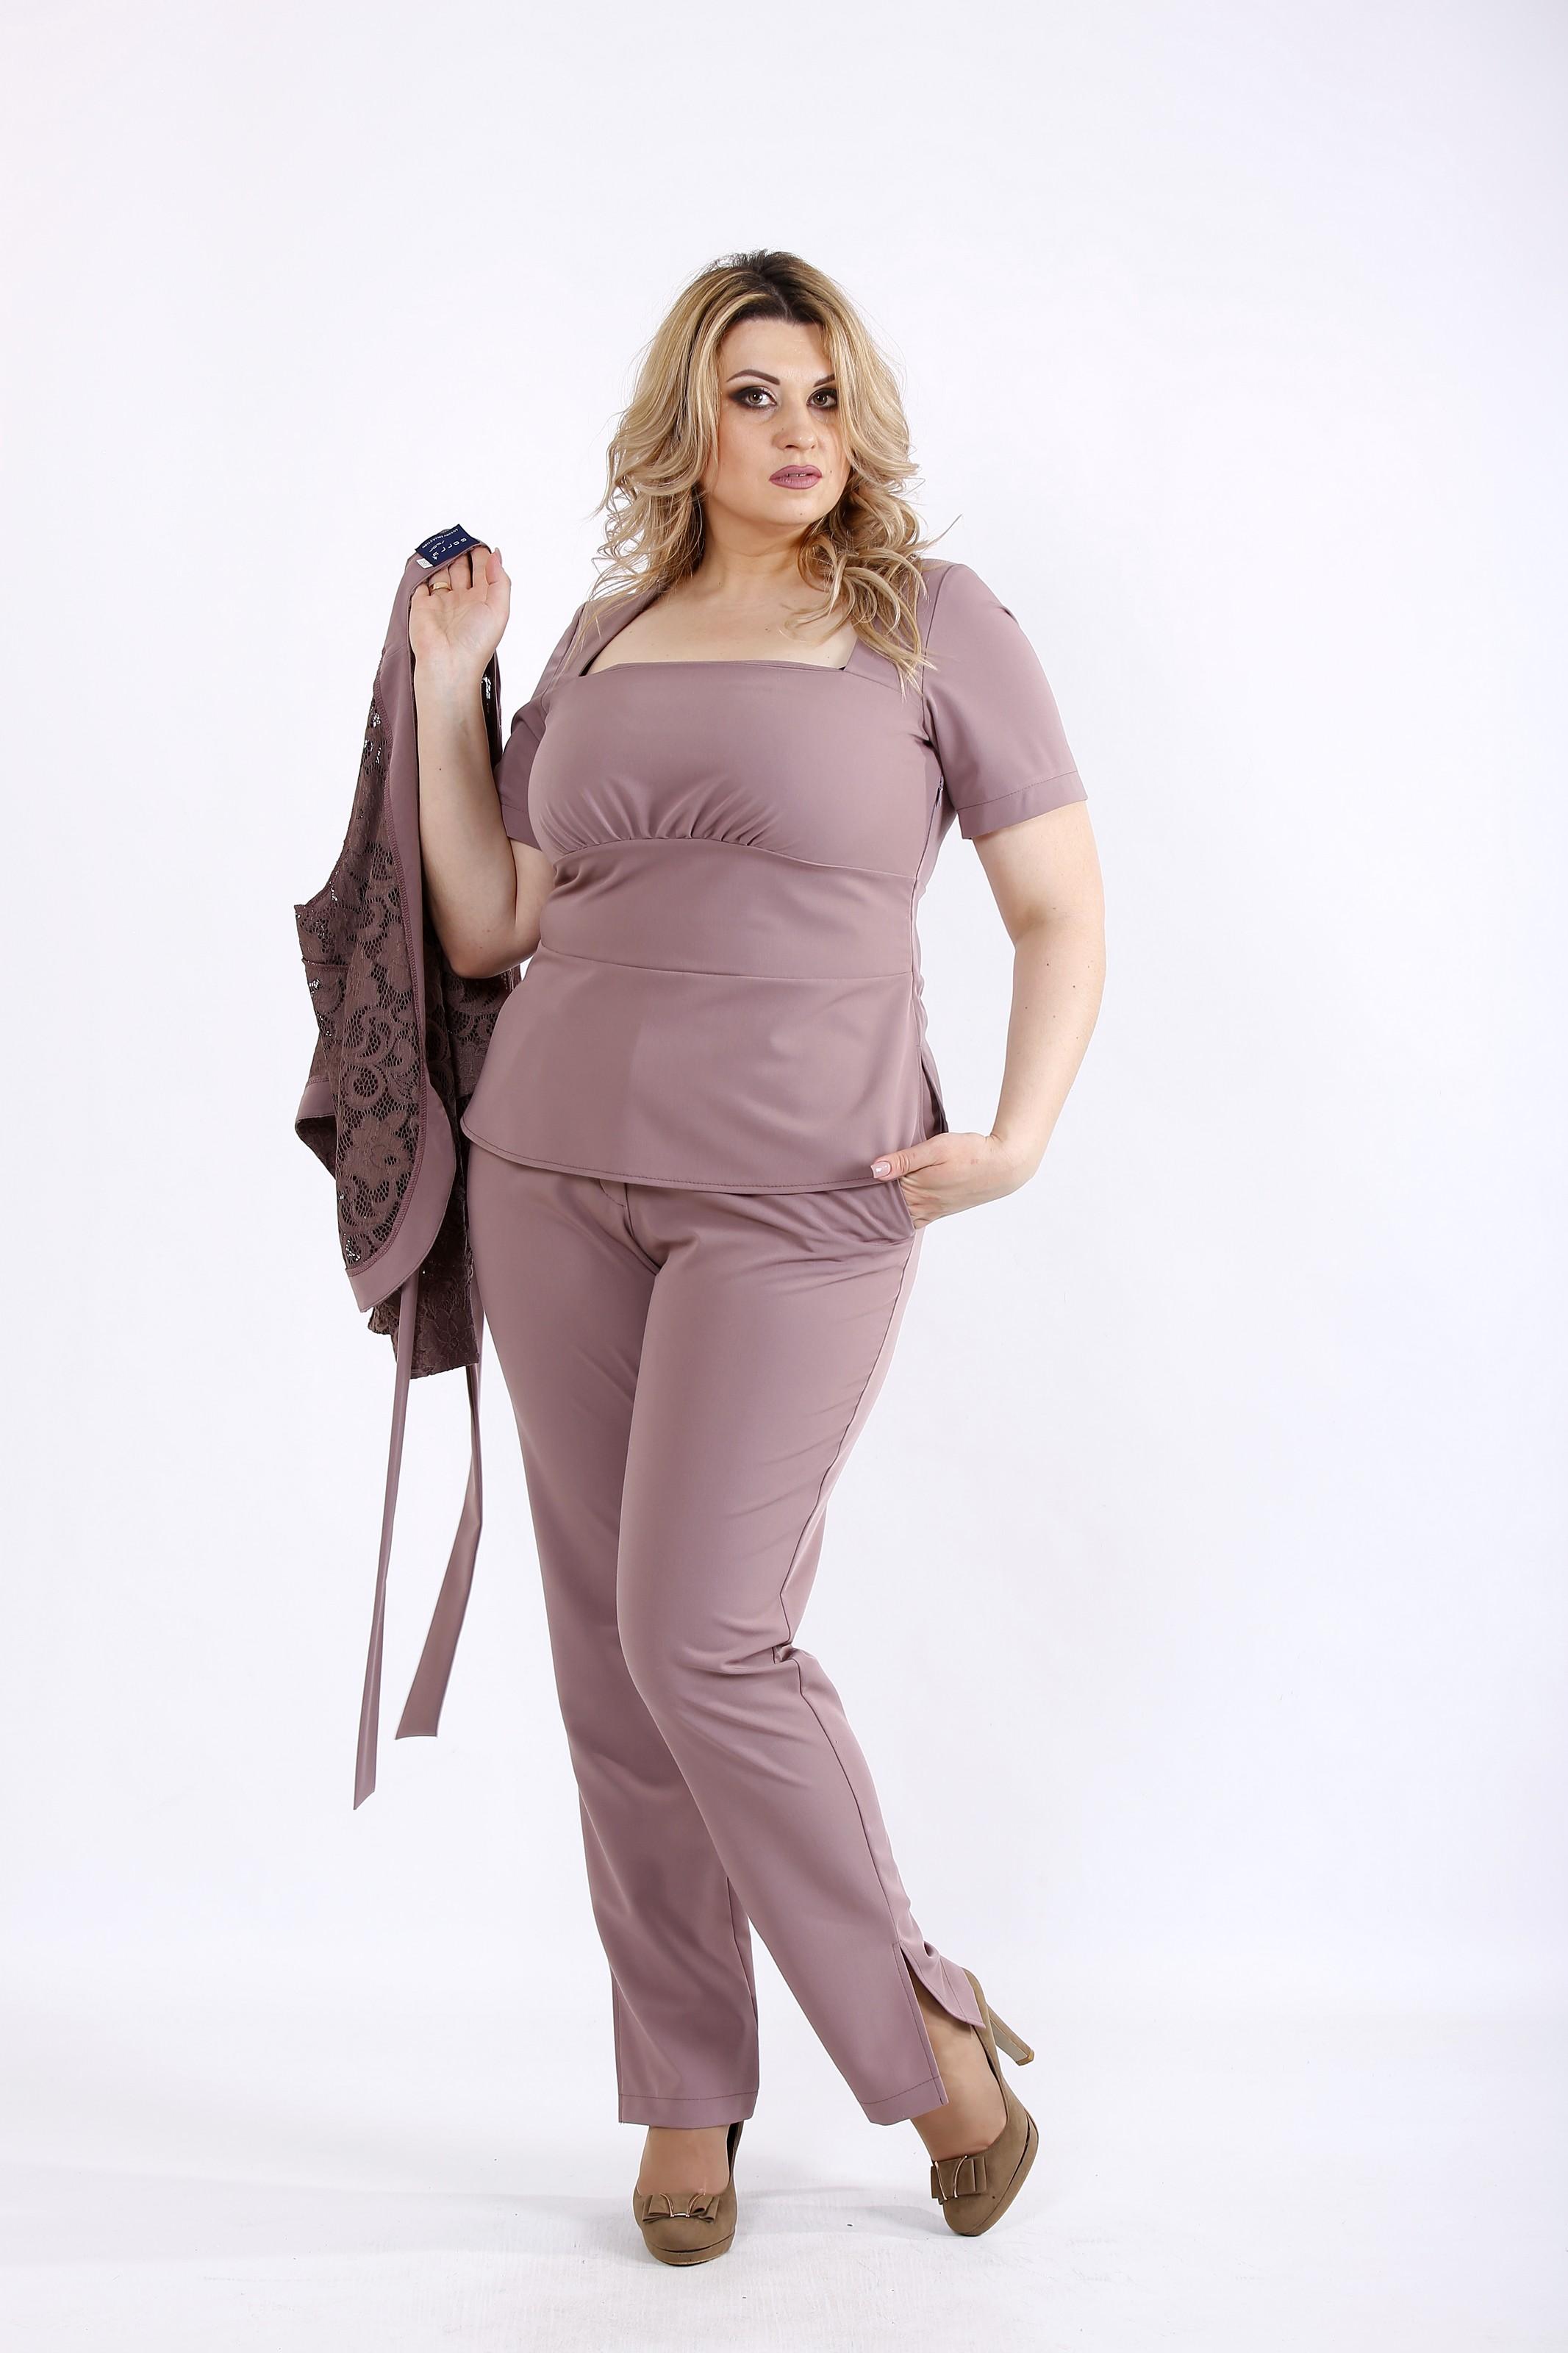 Бісквітний комплект: блузка, штани і накидка | 01066-2 - SvitStyle